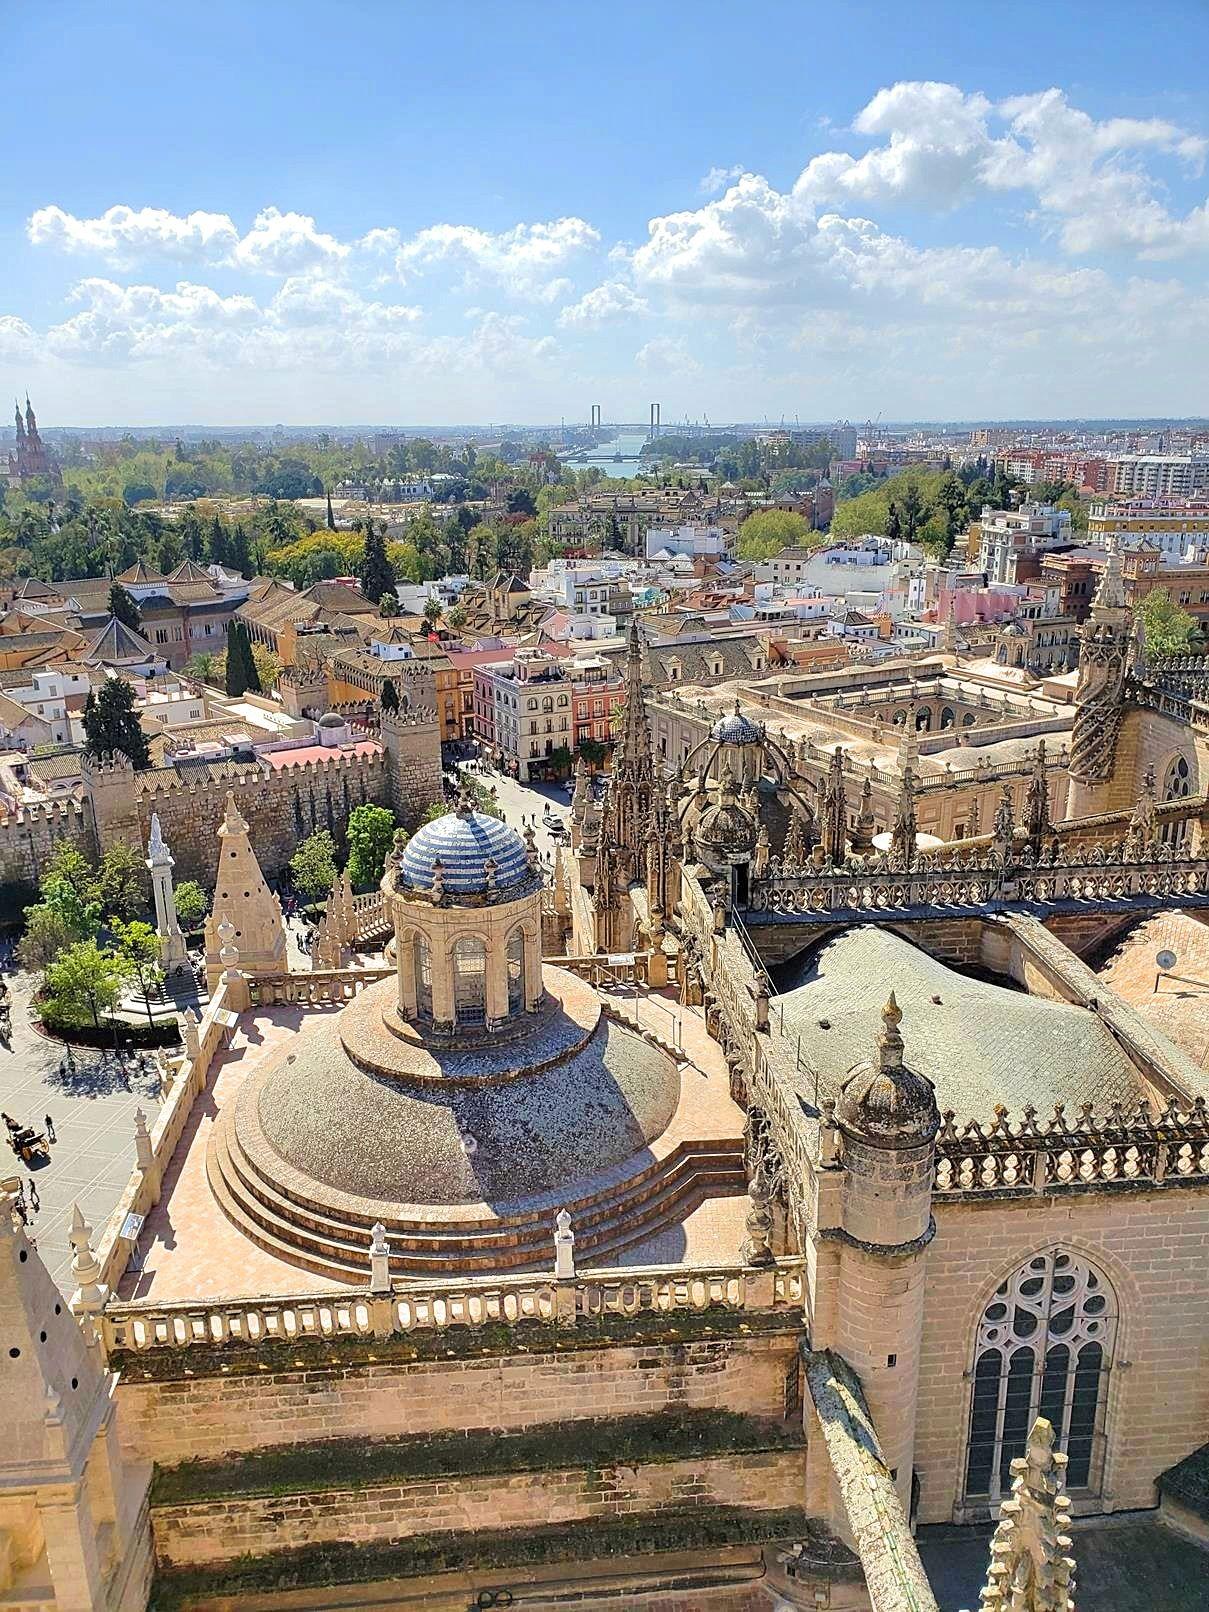 Vakantie als zelfstandig ondernemer - Sevilla